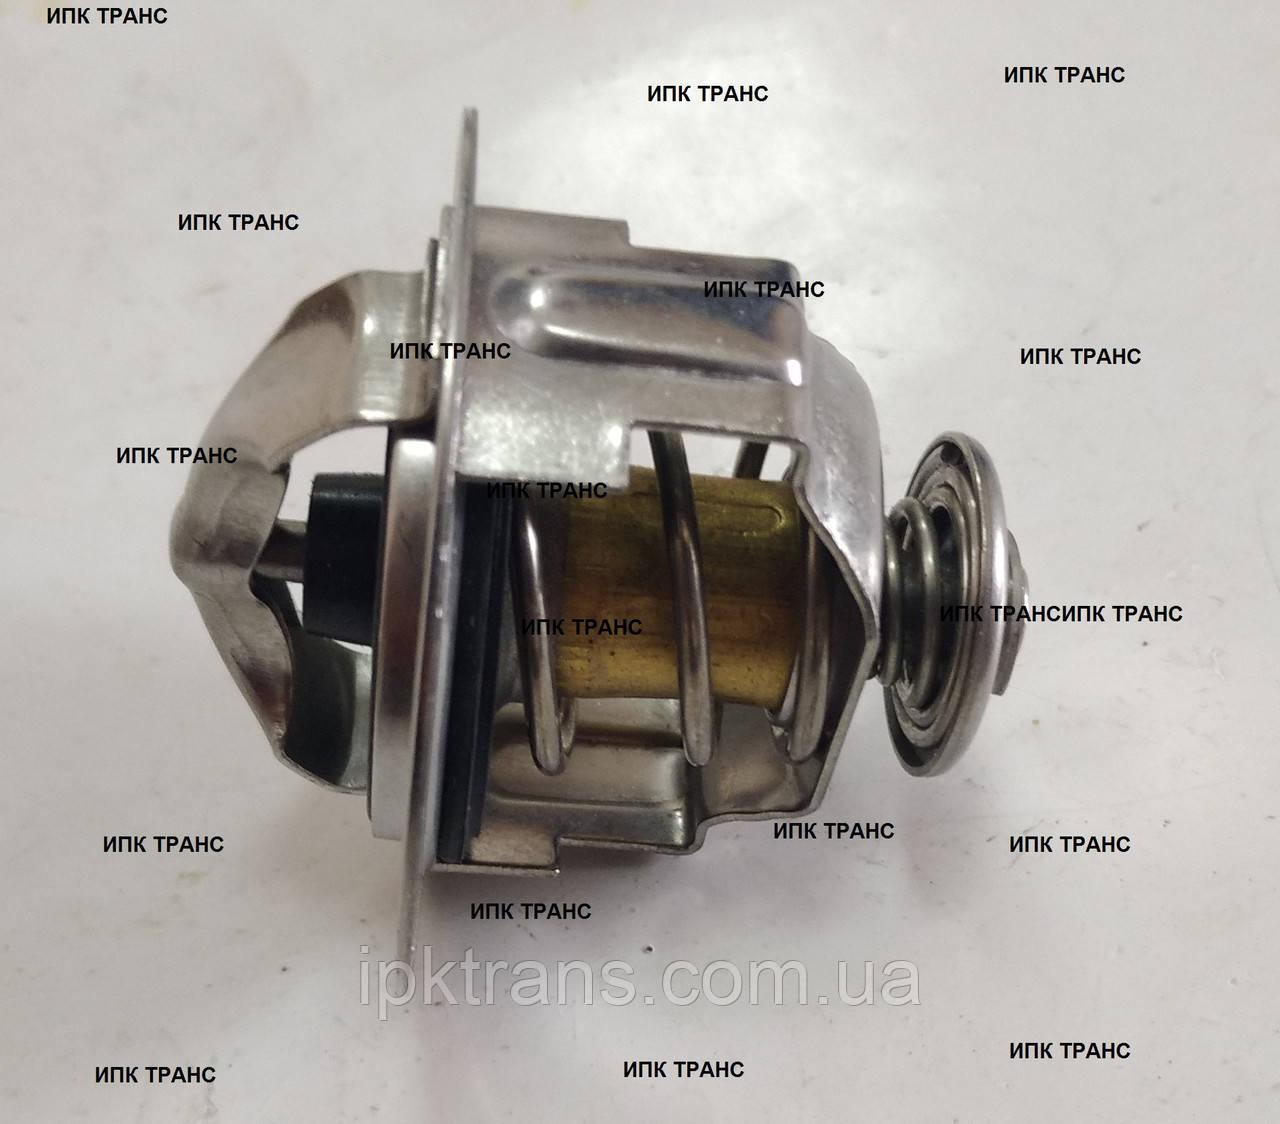 Термостат для двигателей Komatsu 4D92E   YM12185049800 / 121850-49800